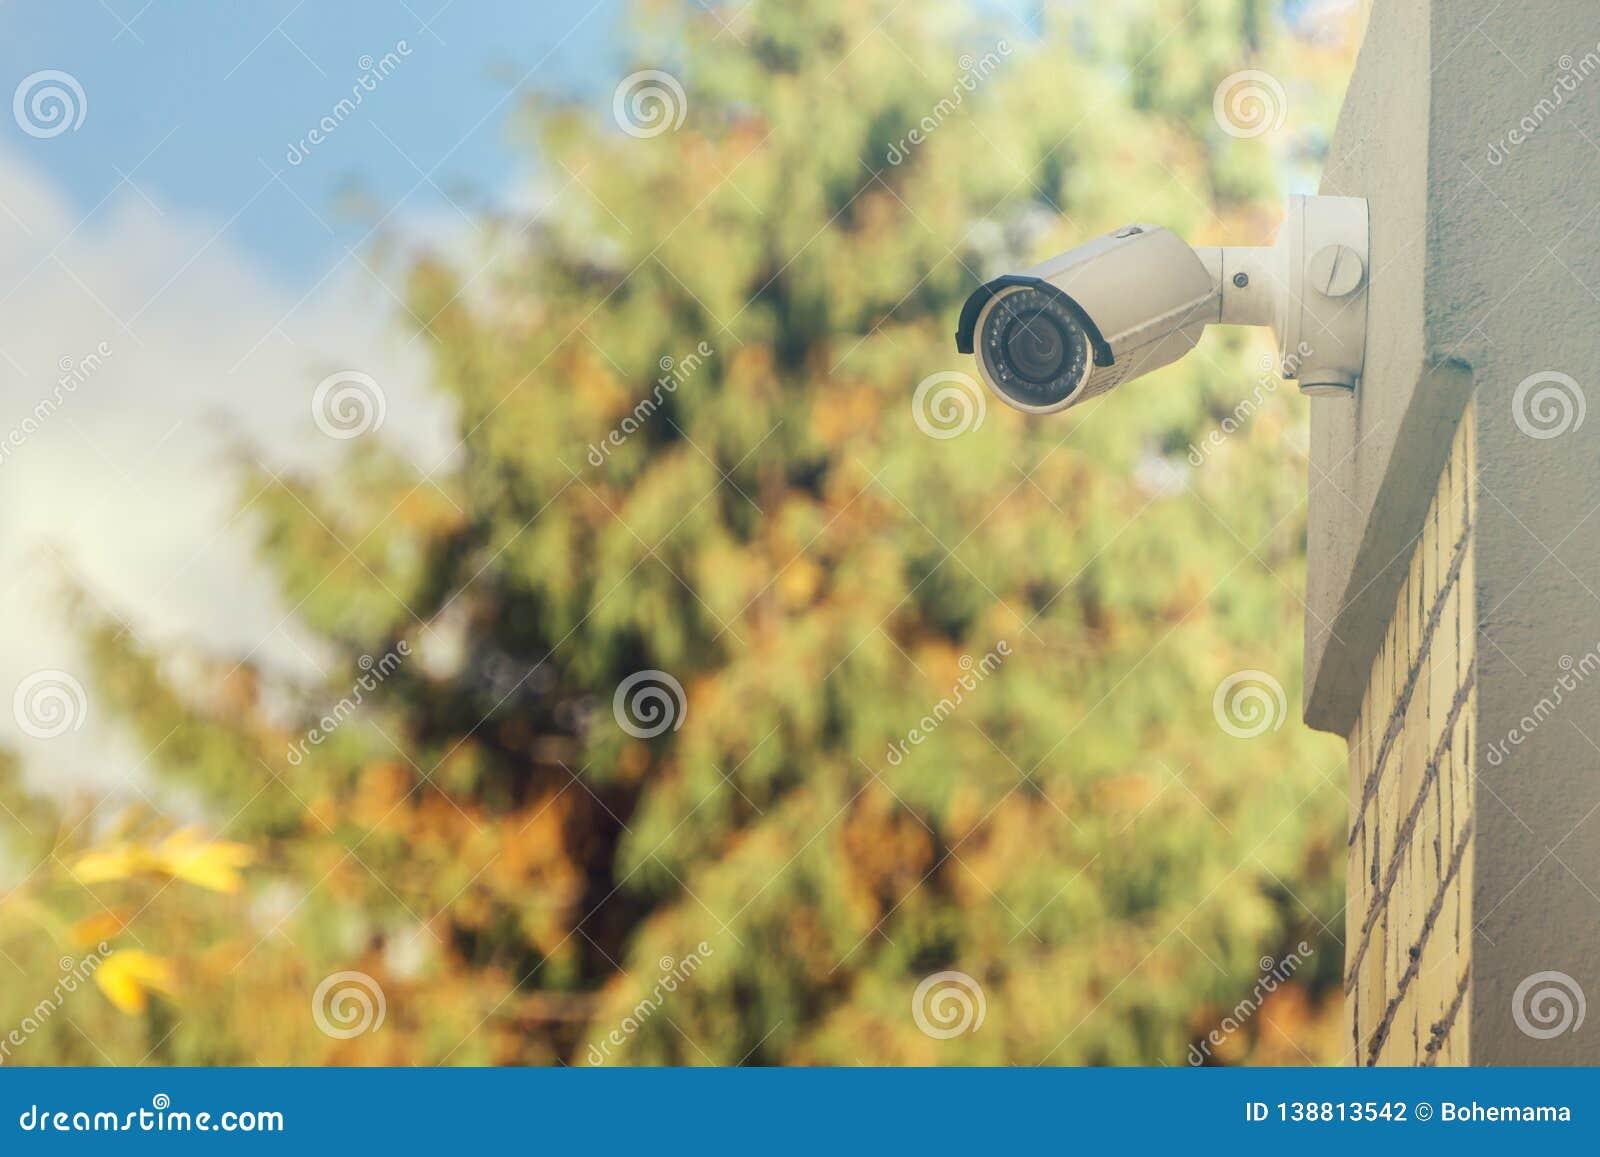 Macchina fotografica moderna del CCTV sulla parete della costruzione, fondo del fogliame